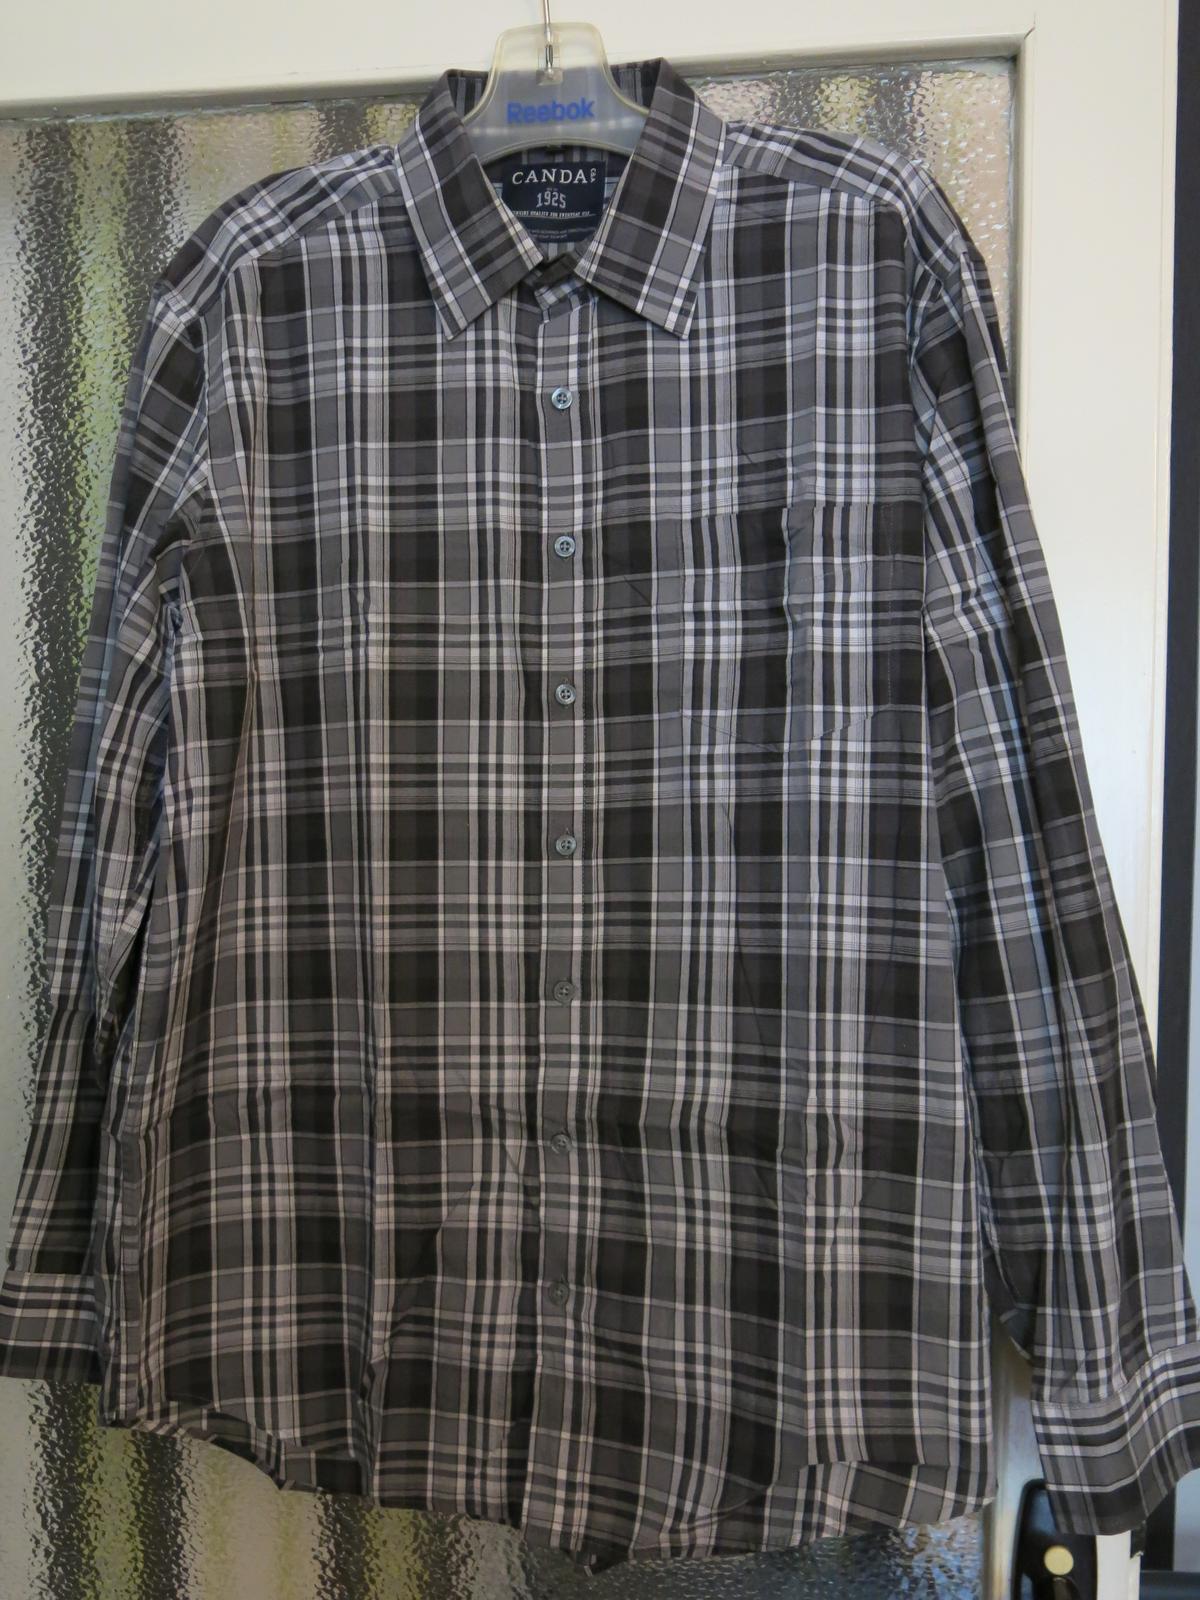 pánská košile dlouhý rukáv - Obrázok č. 1